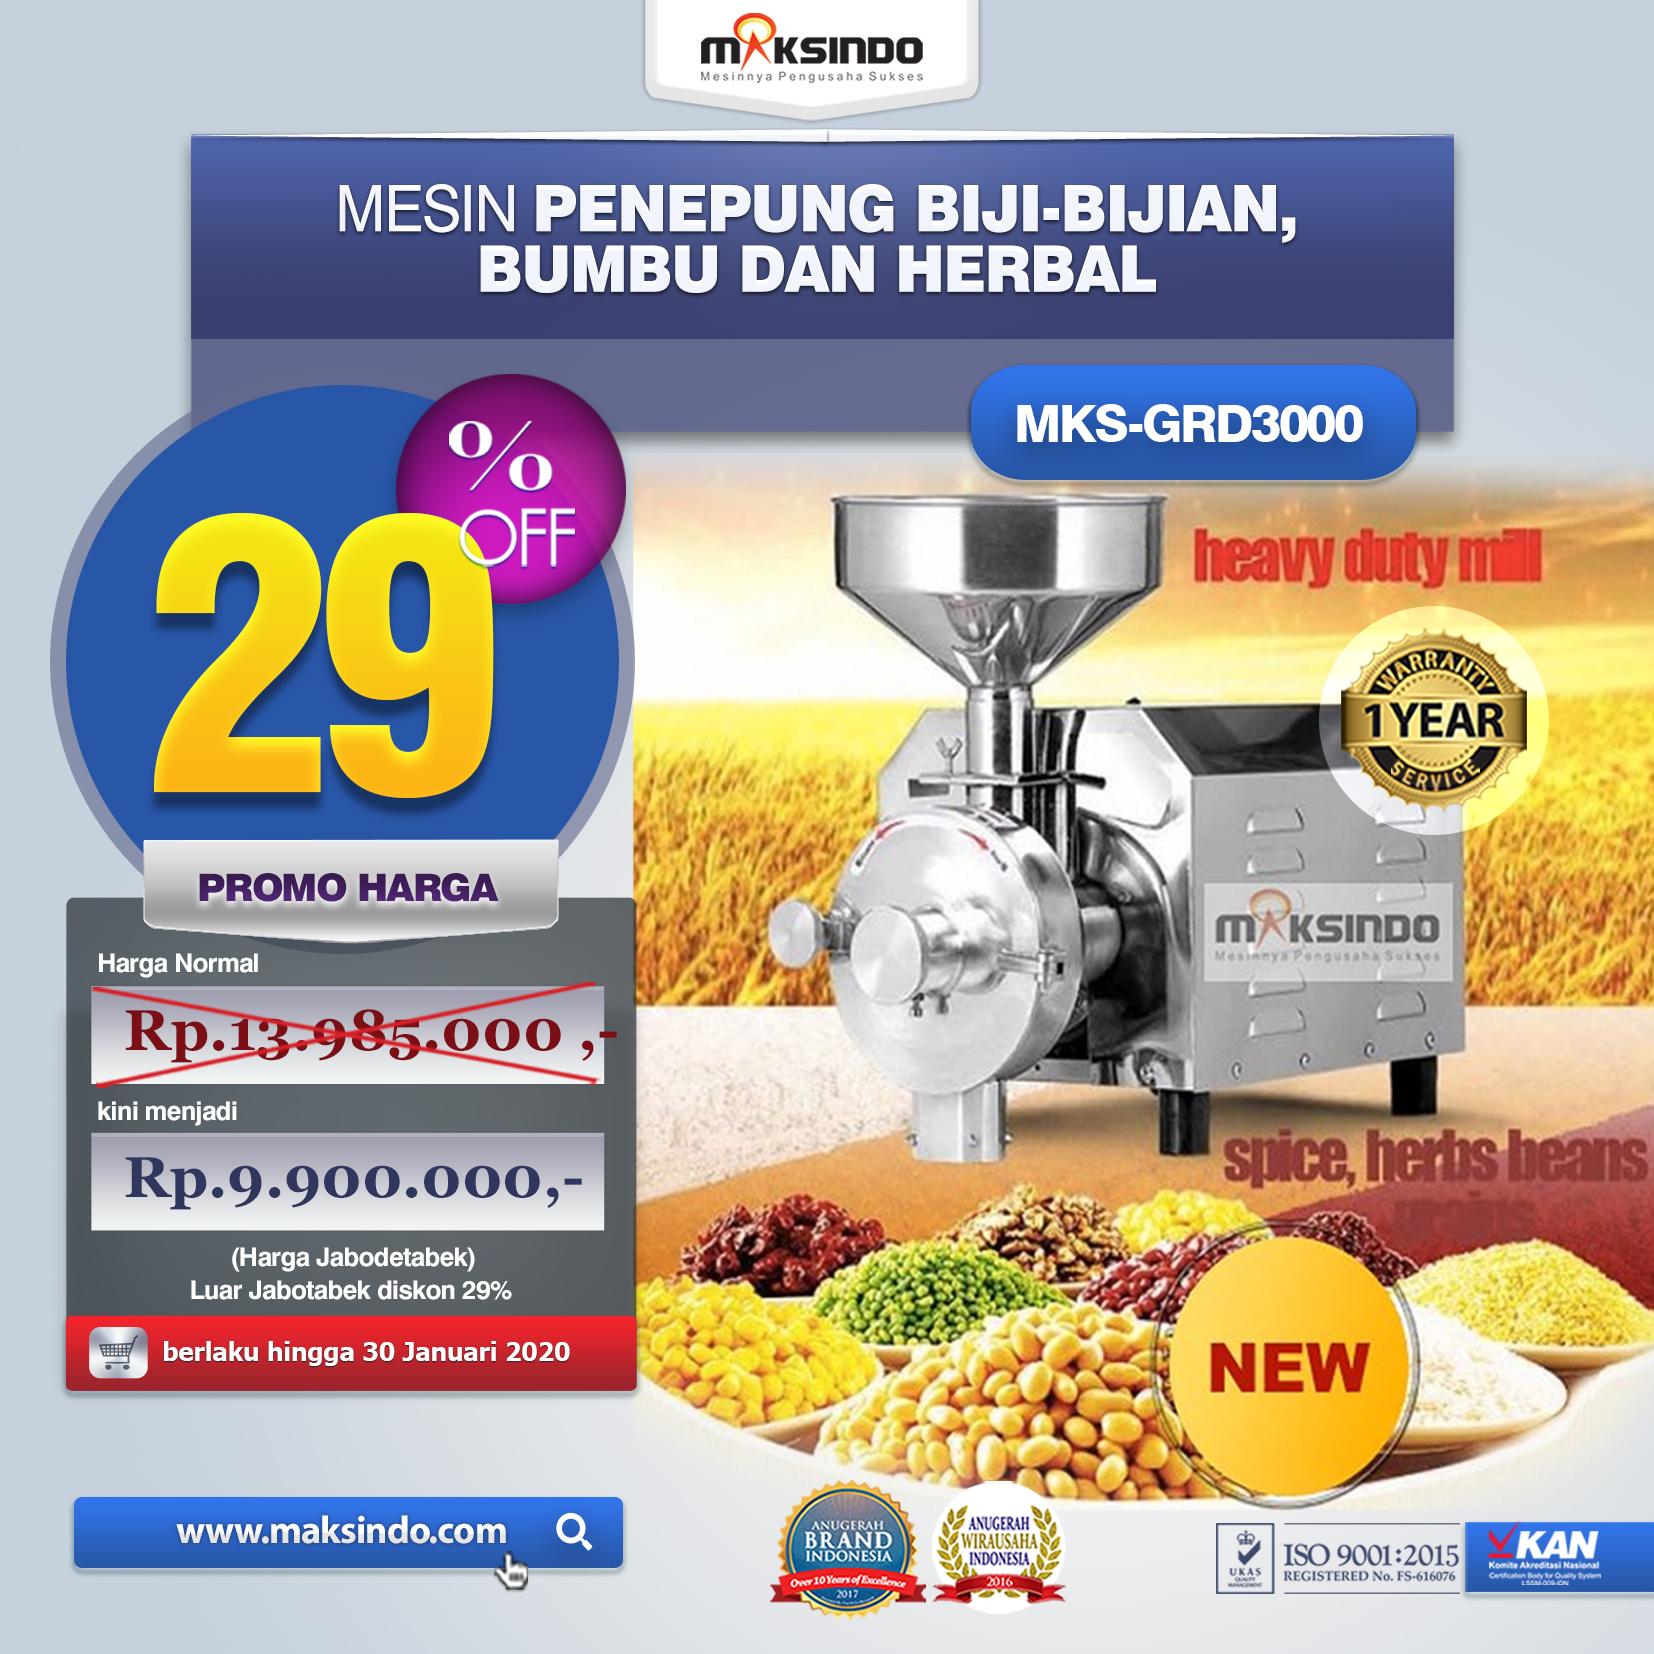 Jual Penepung Biji, Bumbu dan Herbal (GRD3000) di Jakarta